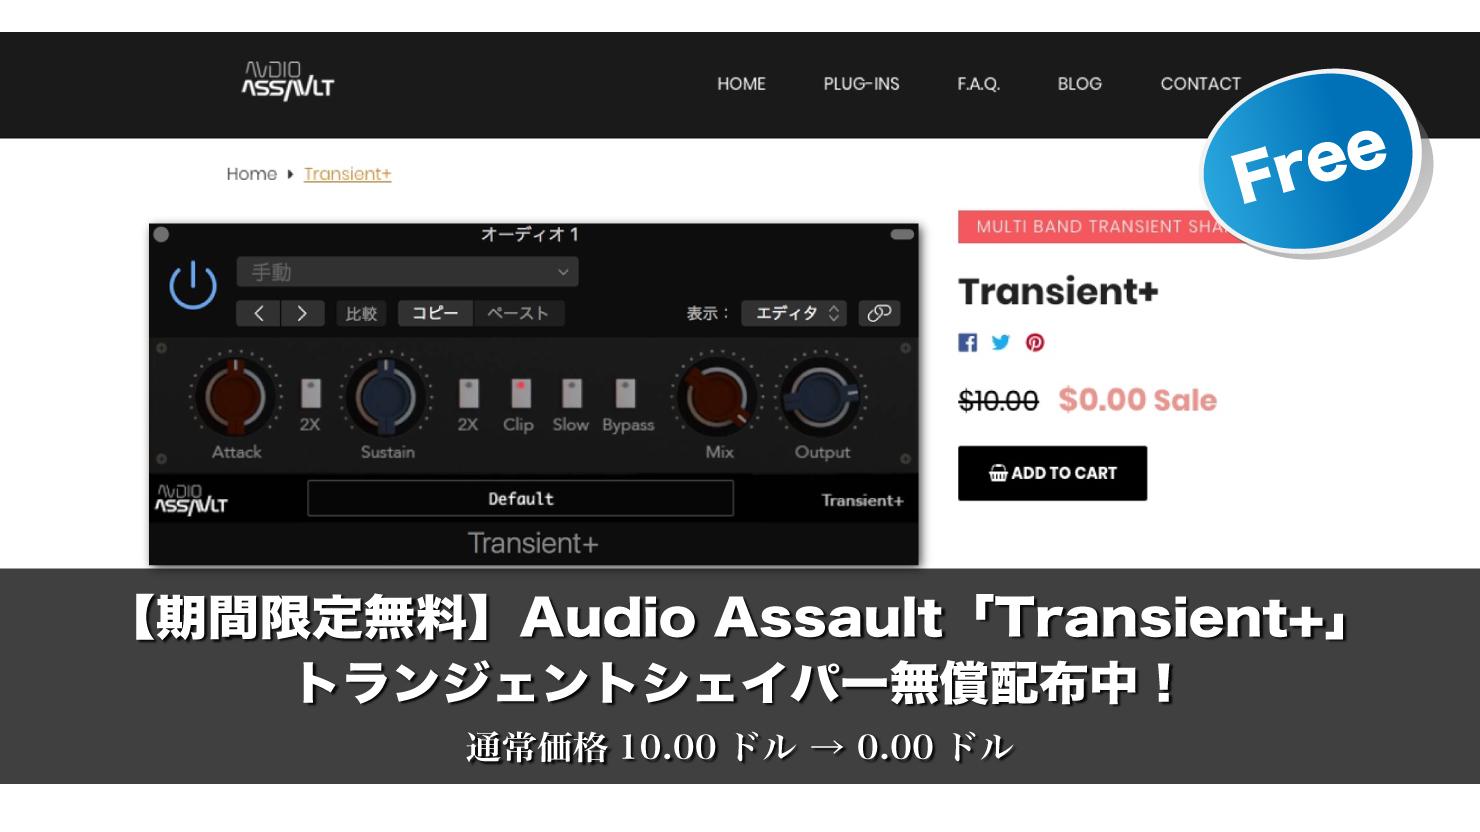 【期間限定無料】Audio Assault「Transient+」トランジェントシェイパー無償配布中!